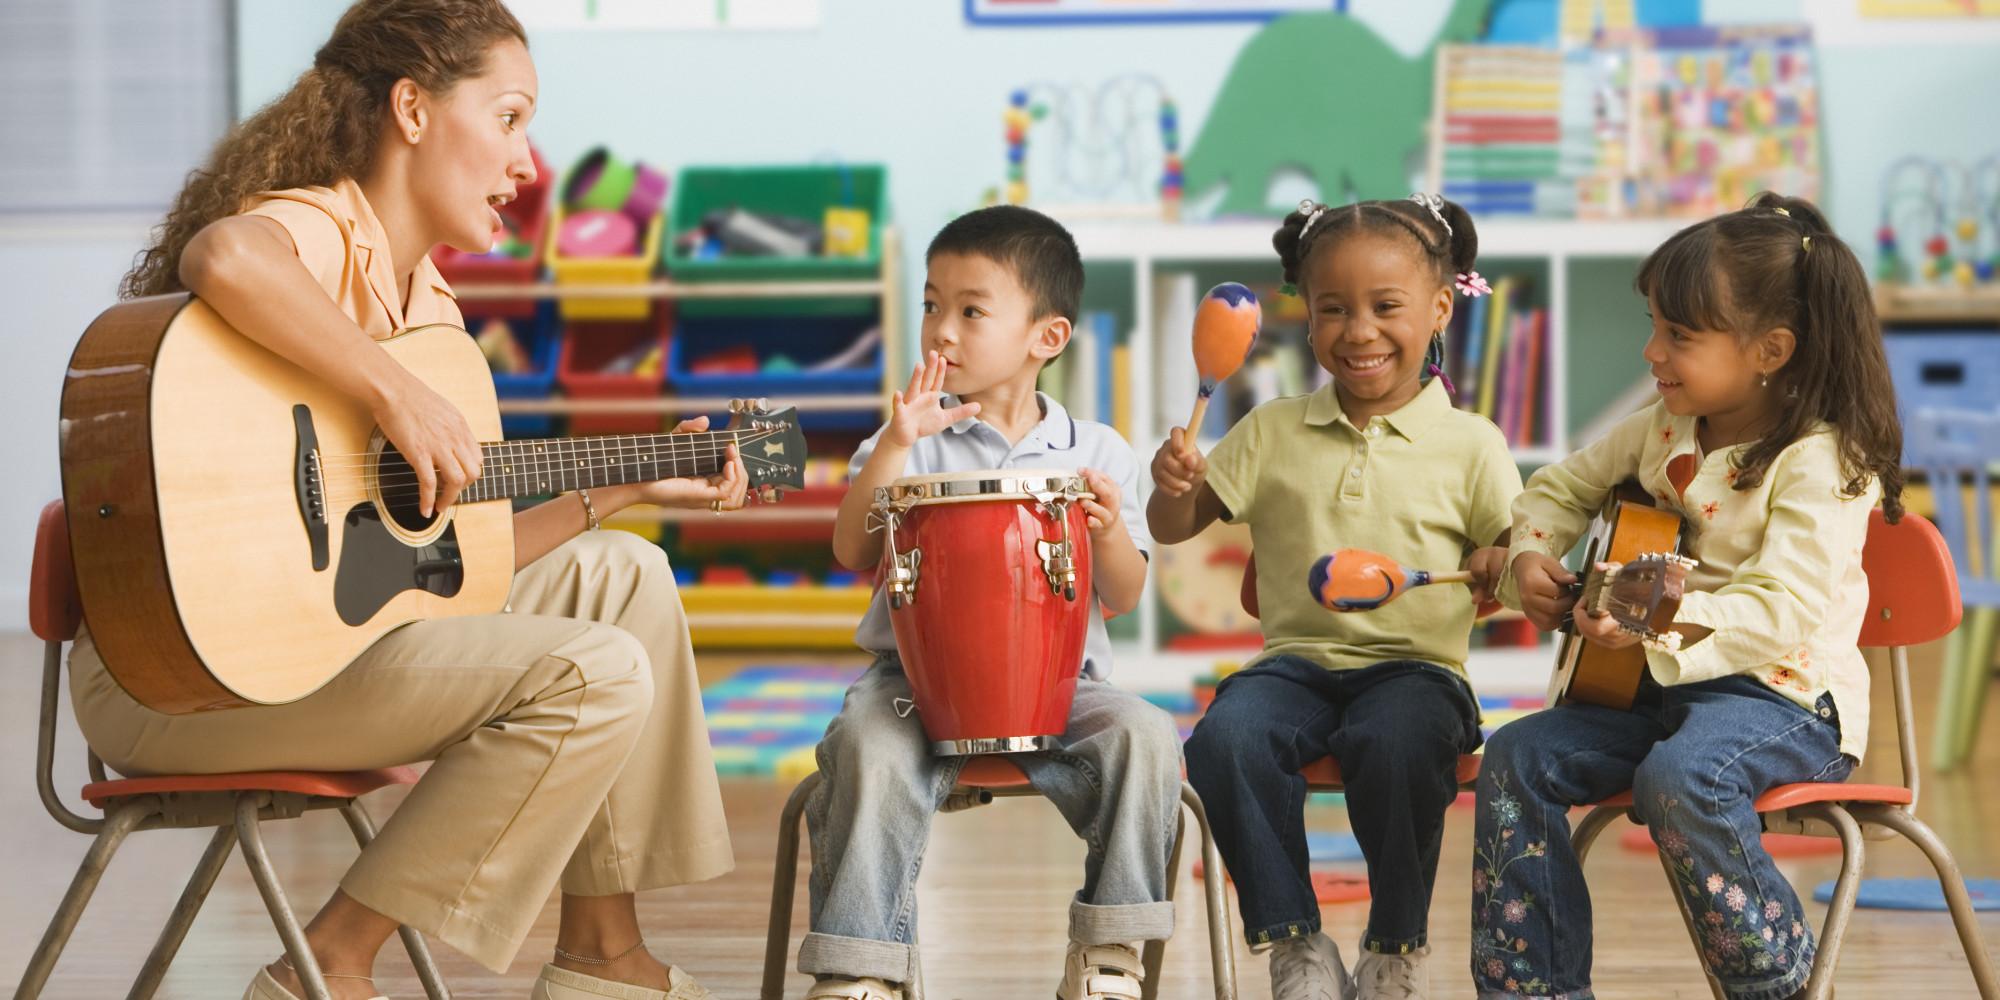 [Ý Kiến Chuyên Gia] Nên Cho Trẻ Học Nhạc Cụ Hay Không?